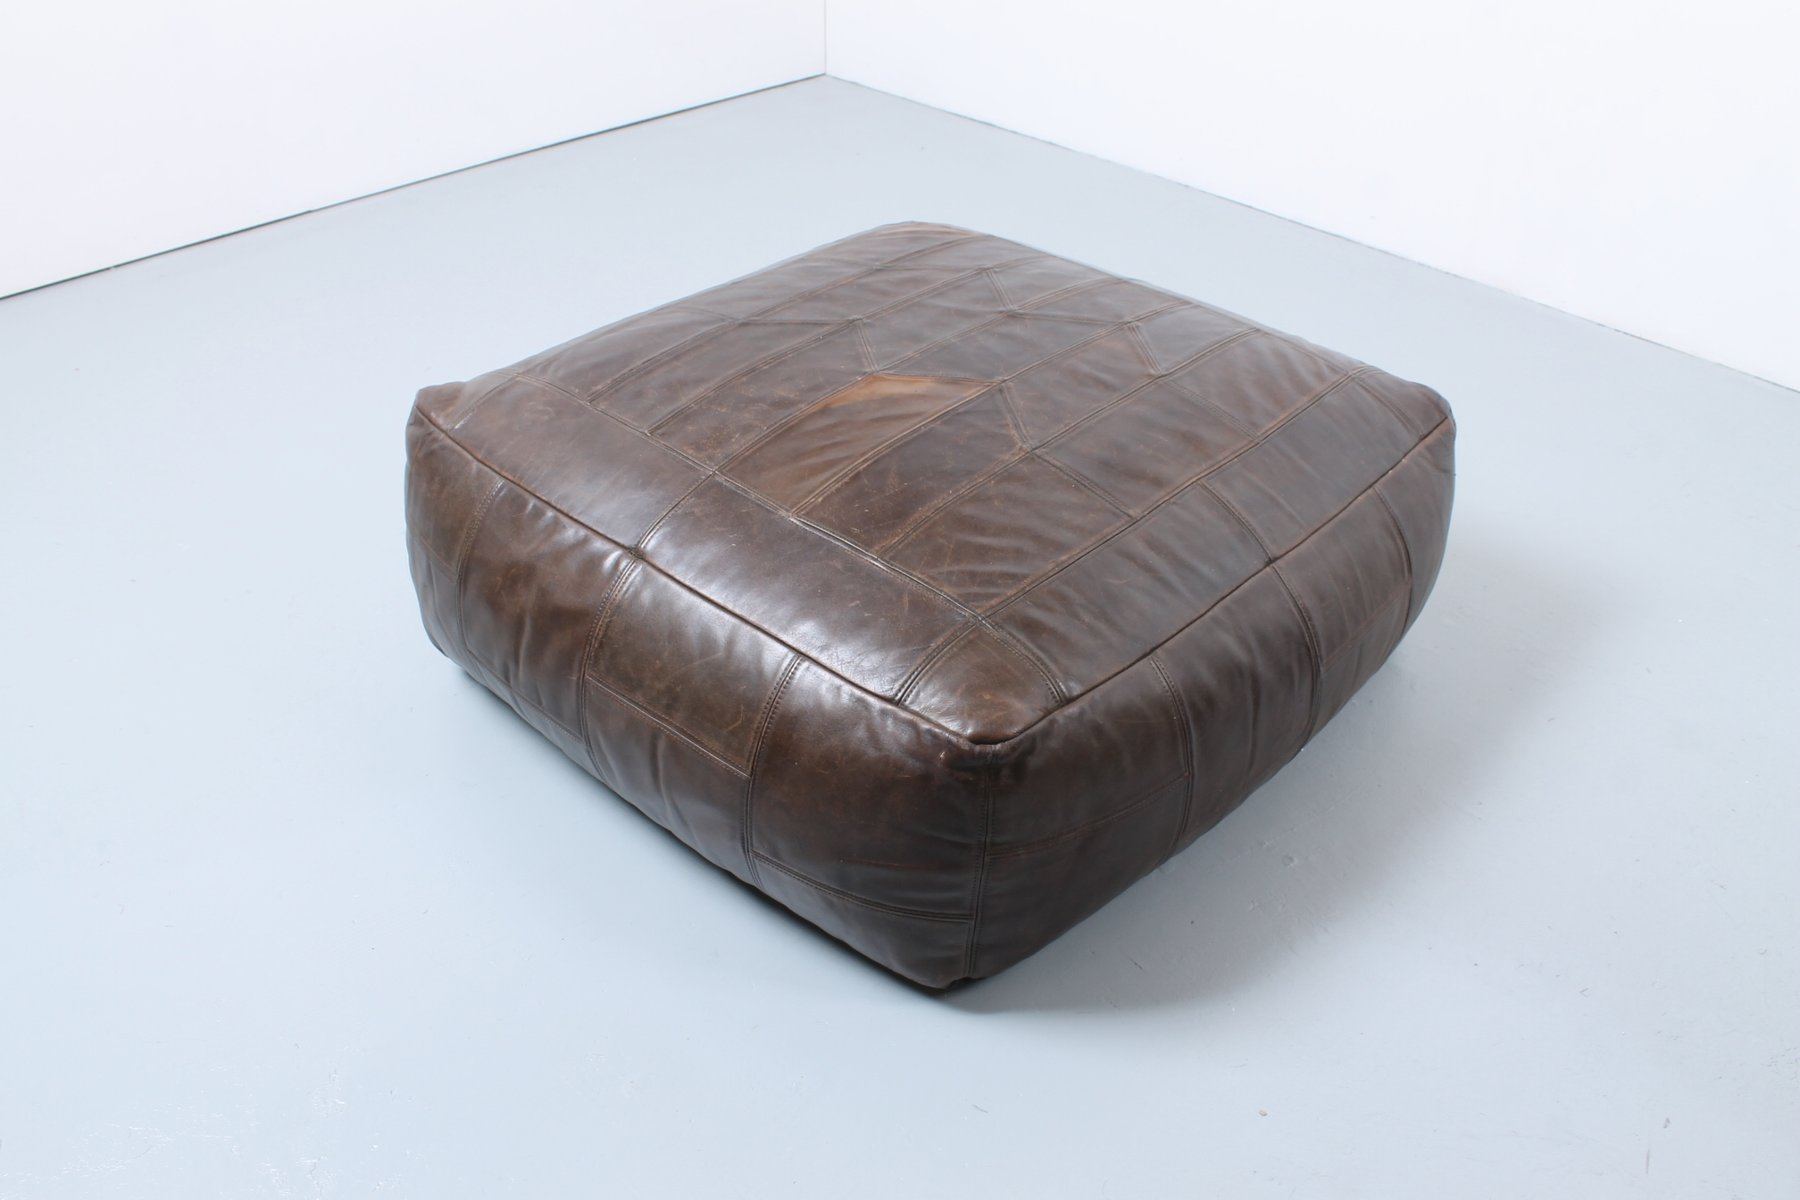 gro er vintage kunstleder pouf bei pamono kaufen. Black Bedroom Furniture Sets. Home Design Ideas